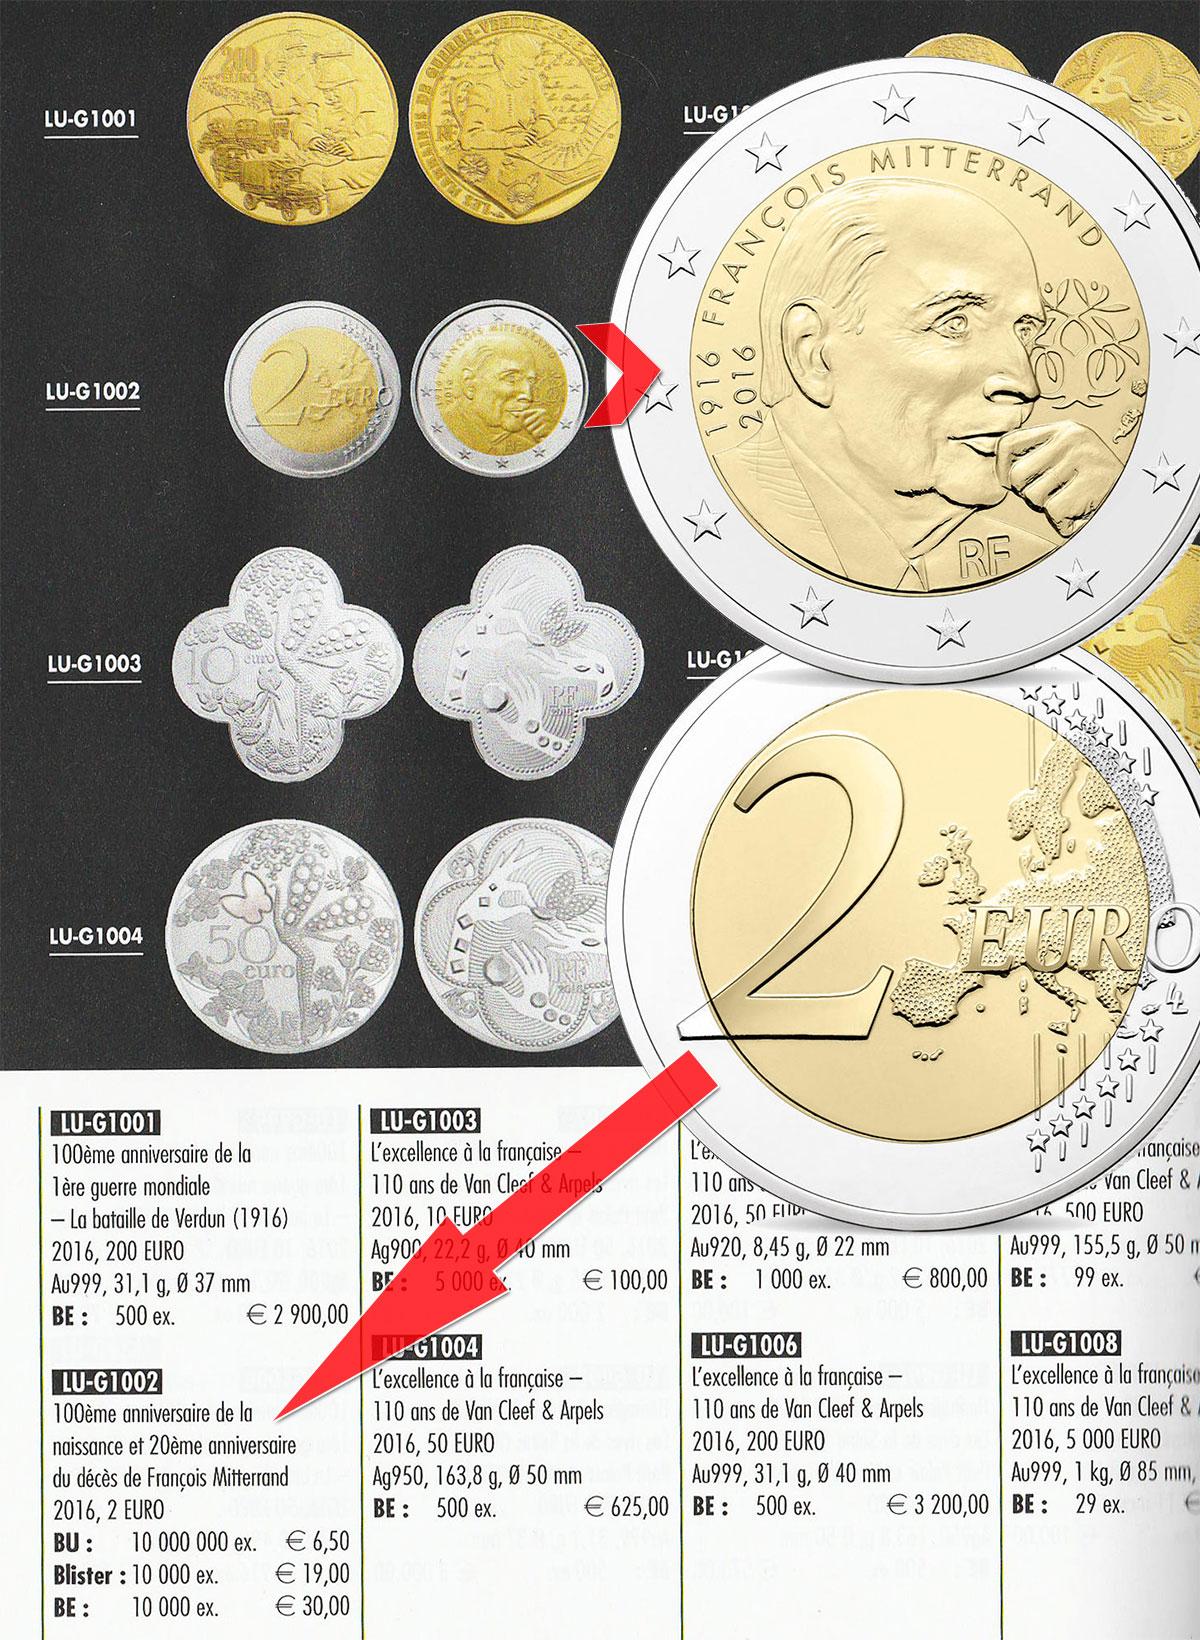 Cotation de la pièce de 2 euro François Mitterrand dans le catalogue euro 2018 Leuchtturm